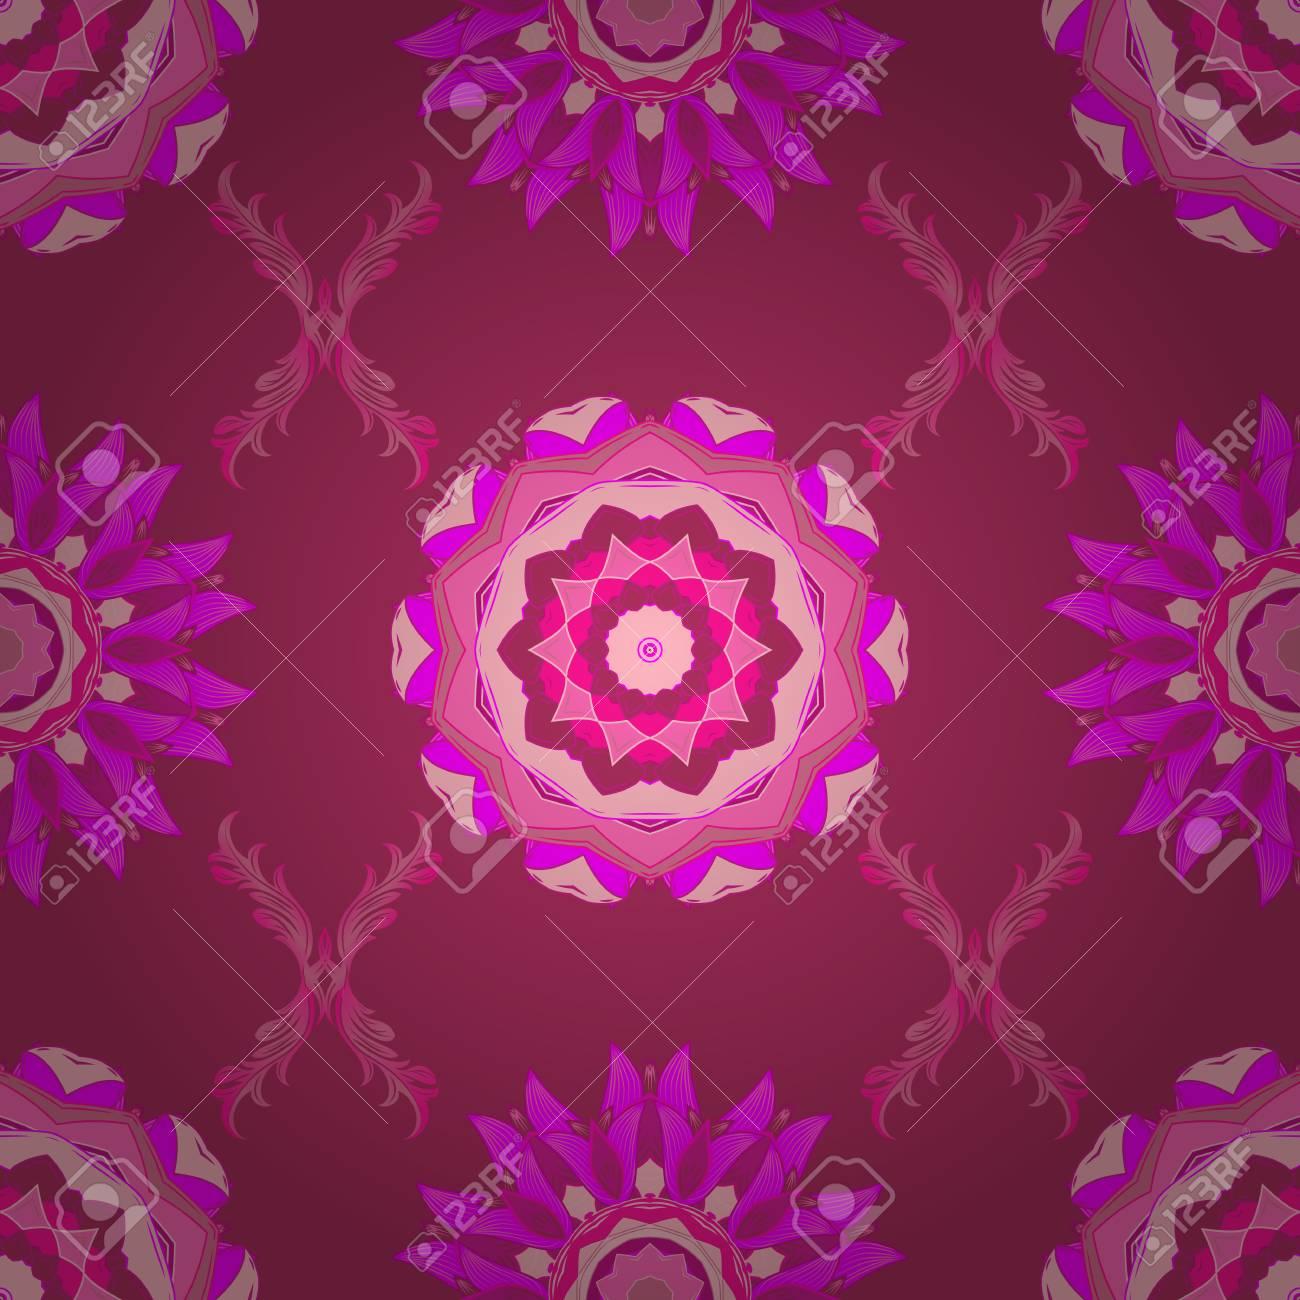 Bonito estampado vintage en pequeñas flores rosas, magentas y neutras.  Floral dulce fondo transparente para textiles, tela, cubiertas, fondos de